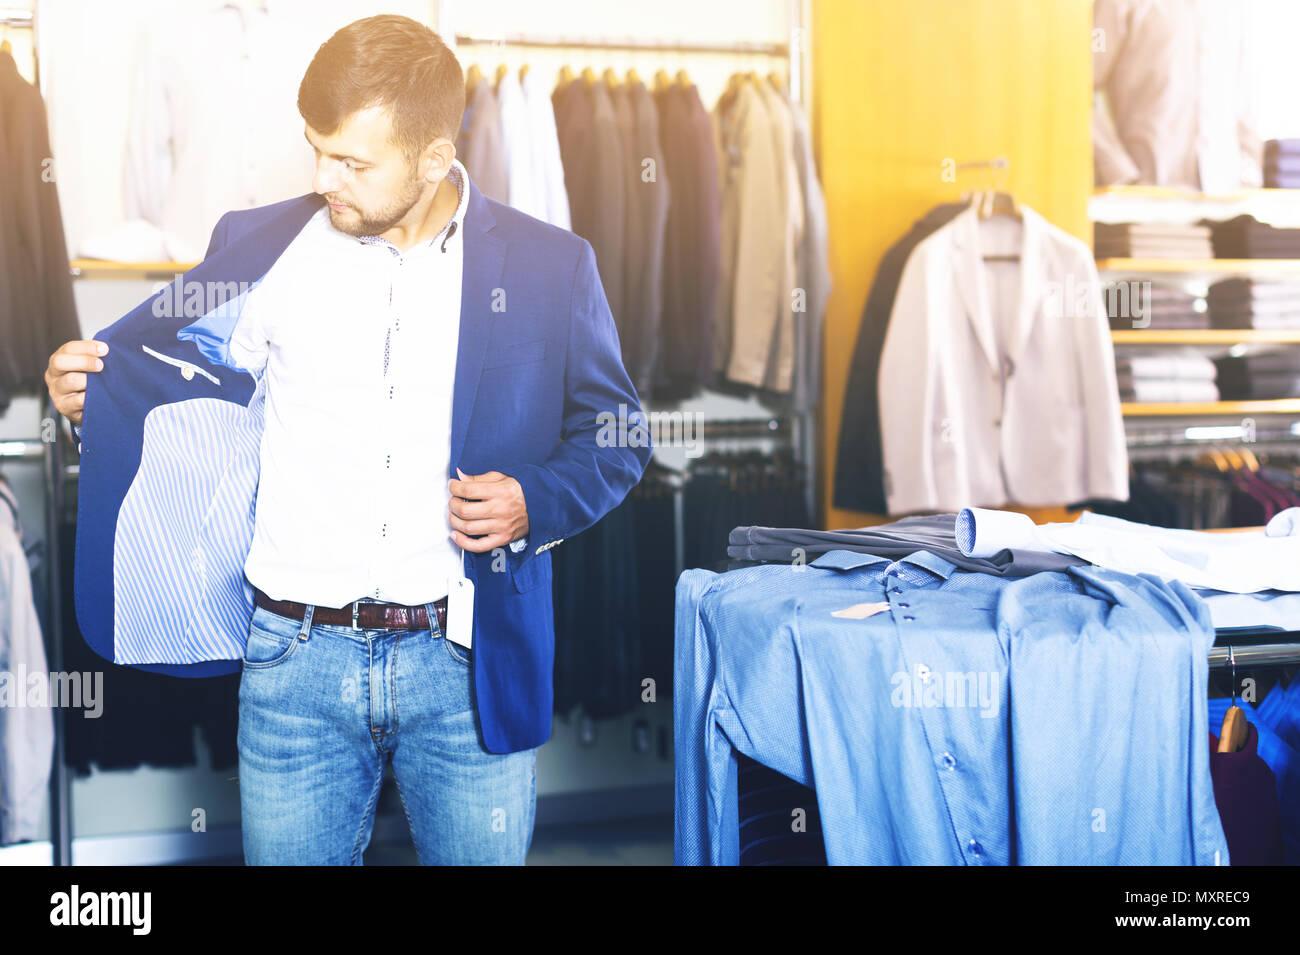 low cost e1caf 530aa Normalen männlichen Kunden Auswahl Jacke in Männer kleidung ...